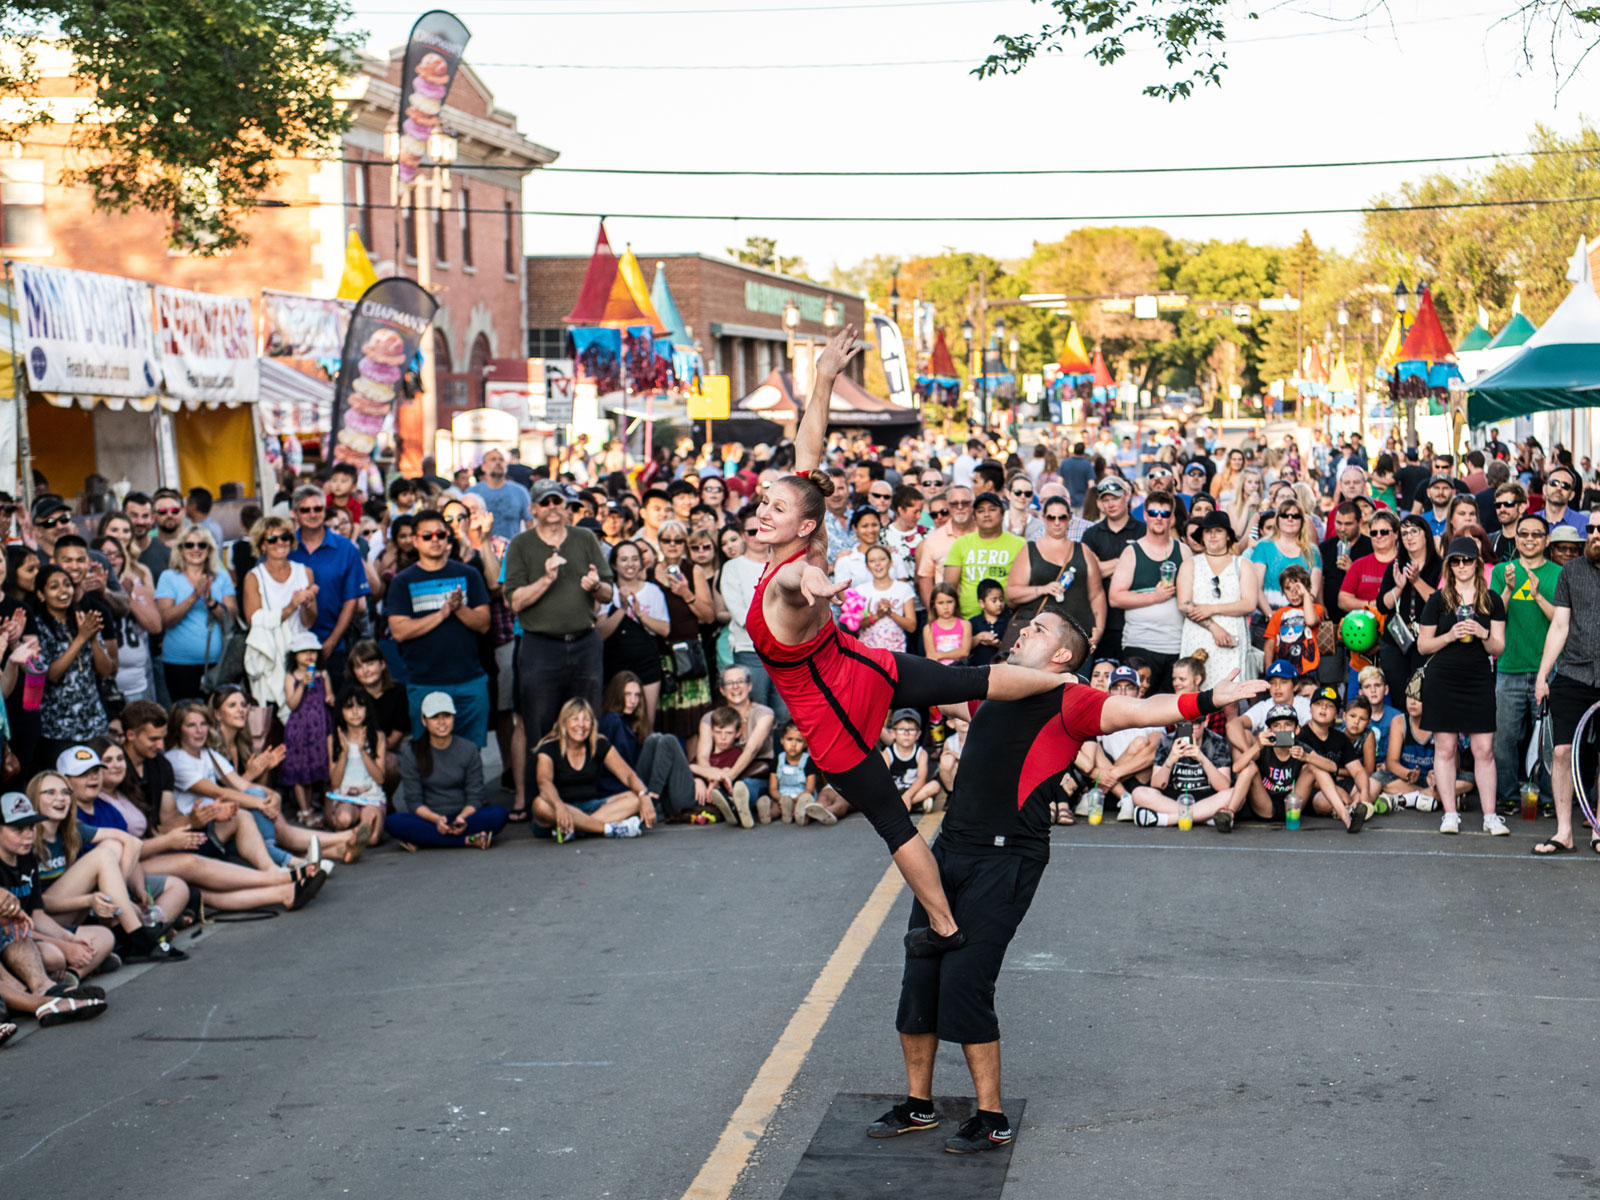 Edmonton StreetFest 2018